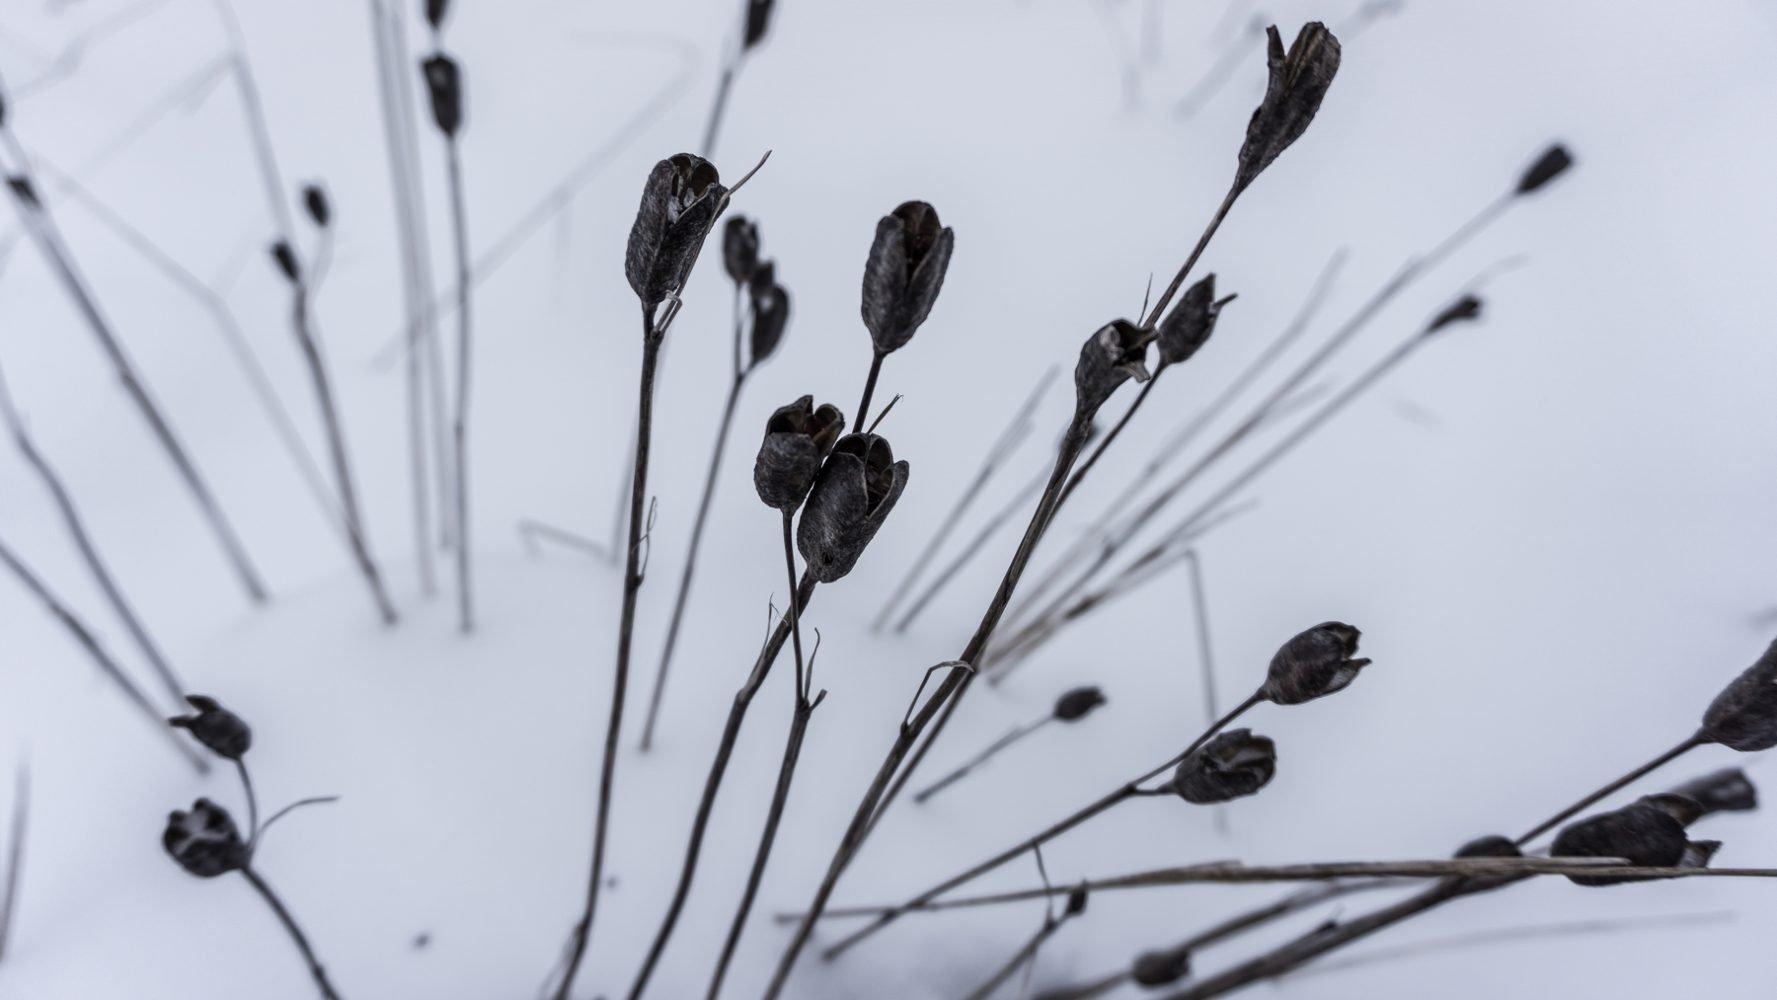 Зимние ирисы, выглядят неожиданно эффектно